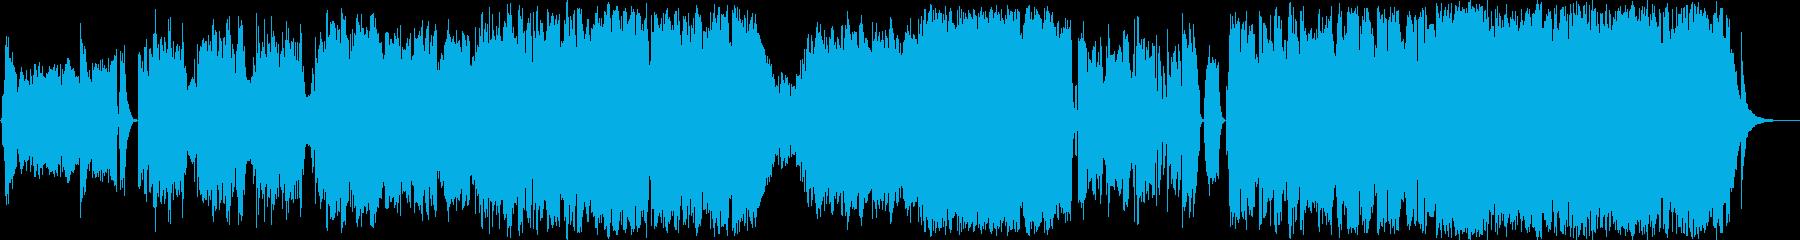 孤独で切ないオーケストラバラードの再生済みの波形